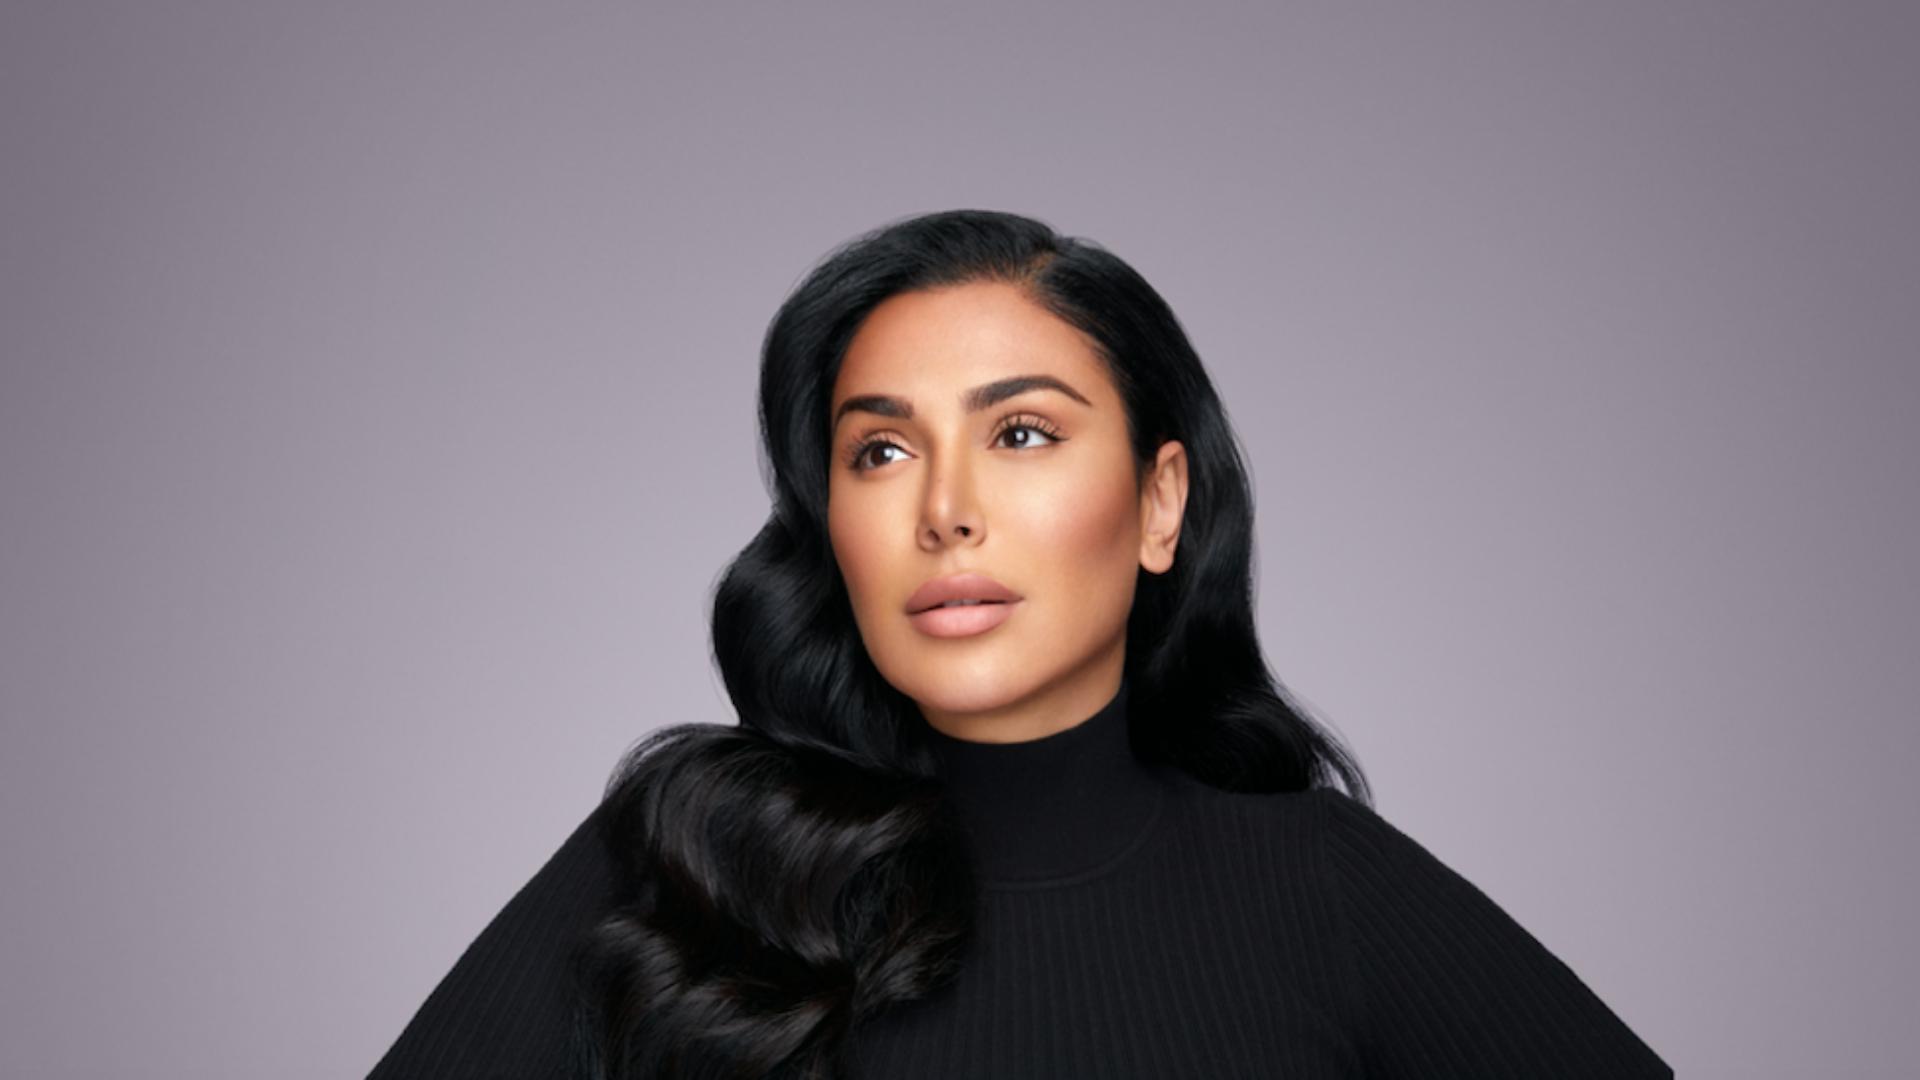 Huda Beauty Has Just Revealed Her New Mascara LEGIT Lashes